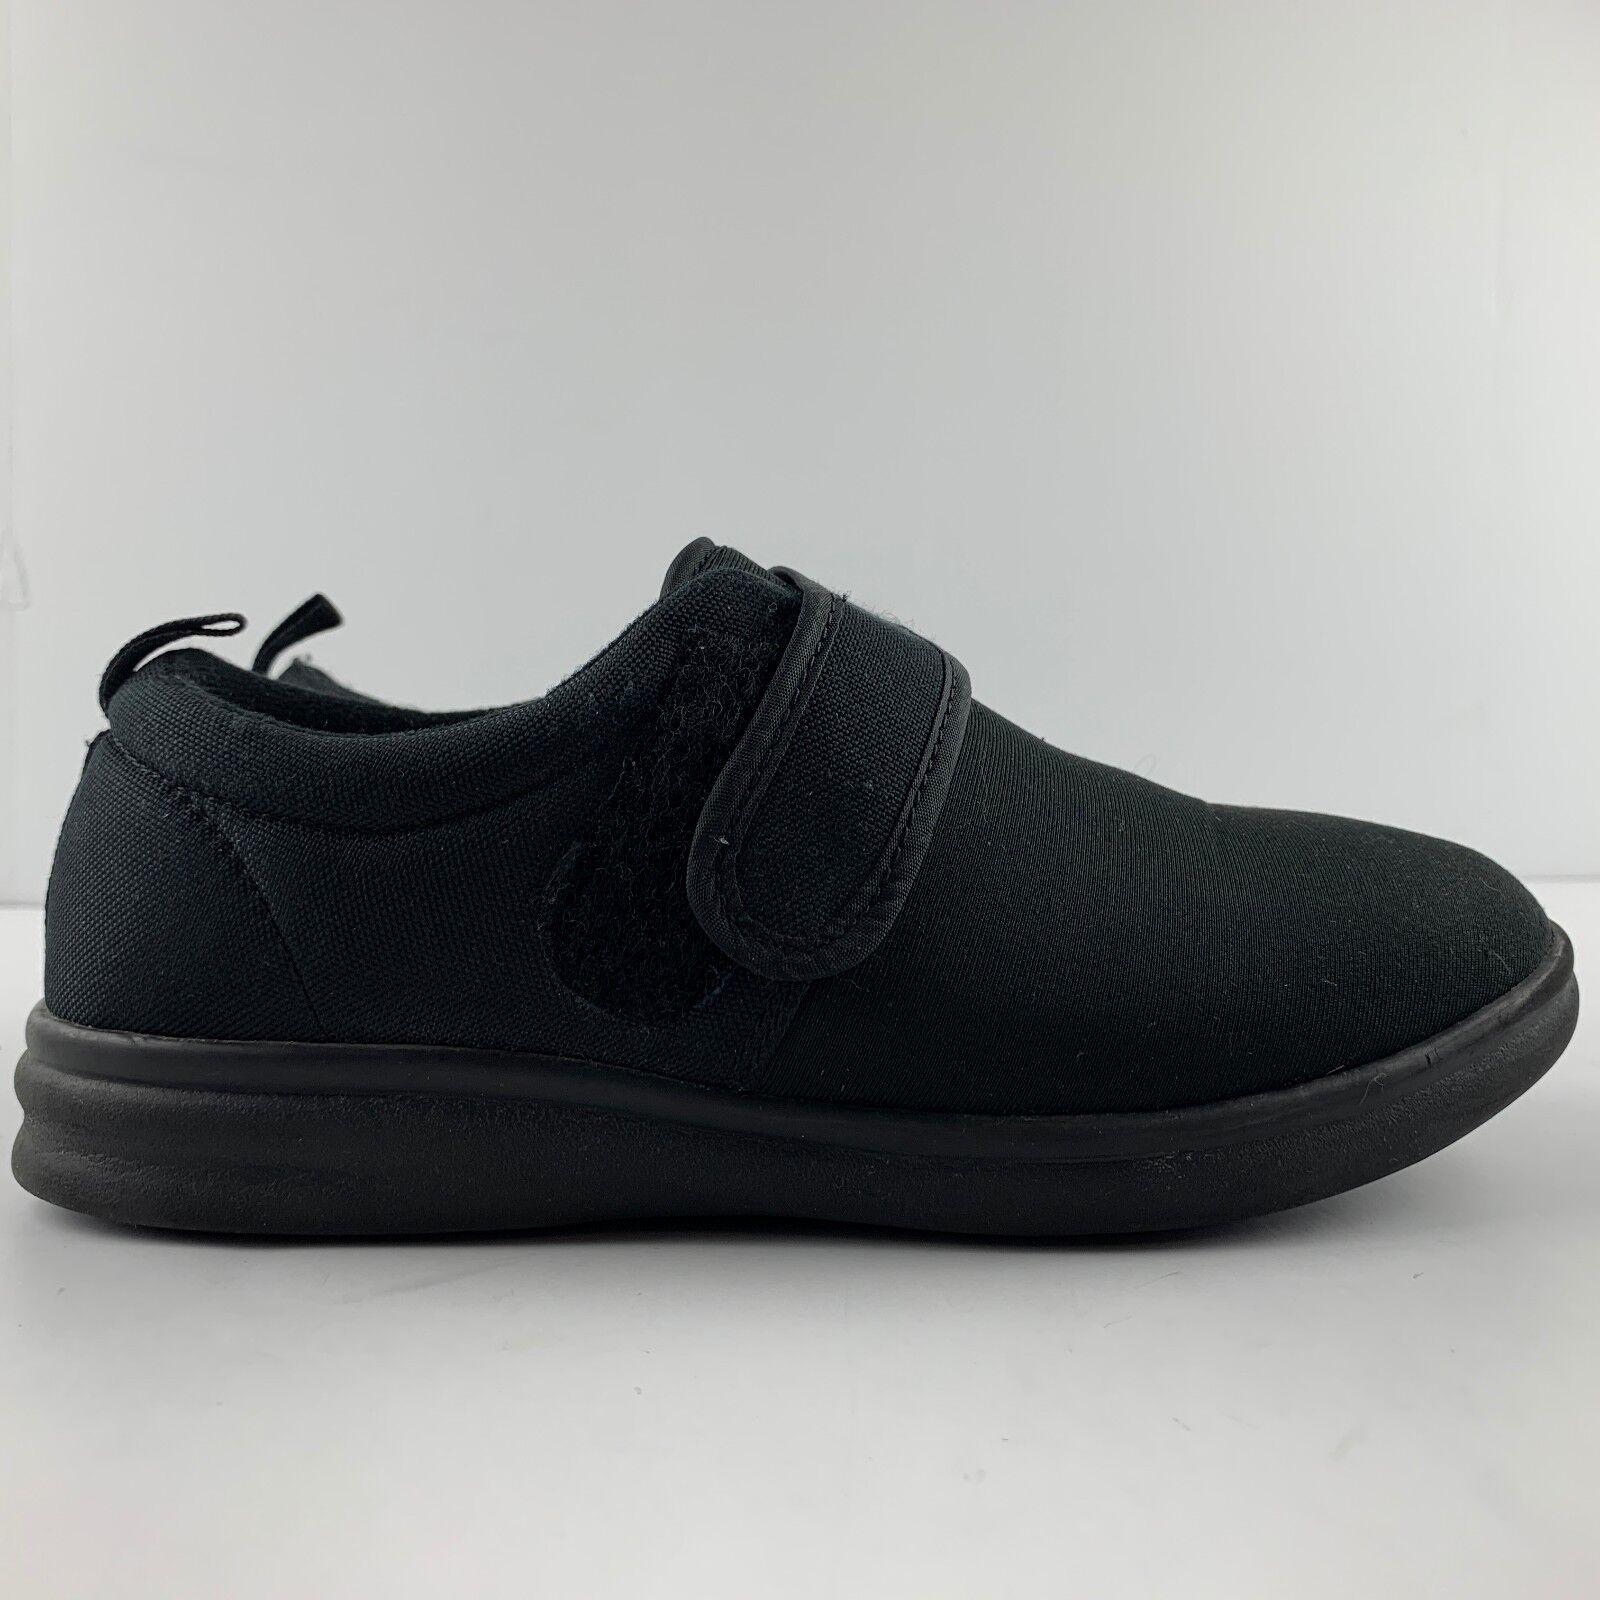 Dr Comfort Marla Femmes US 7 m Noir Confort Chaussure Diabétique Stretch